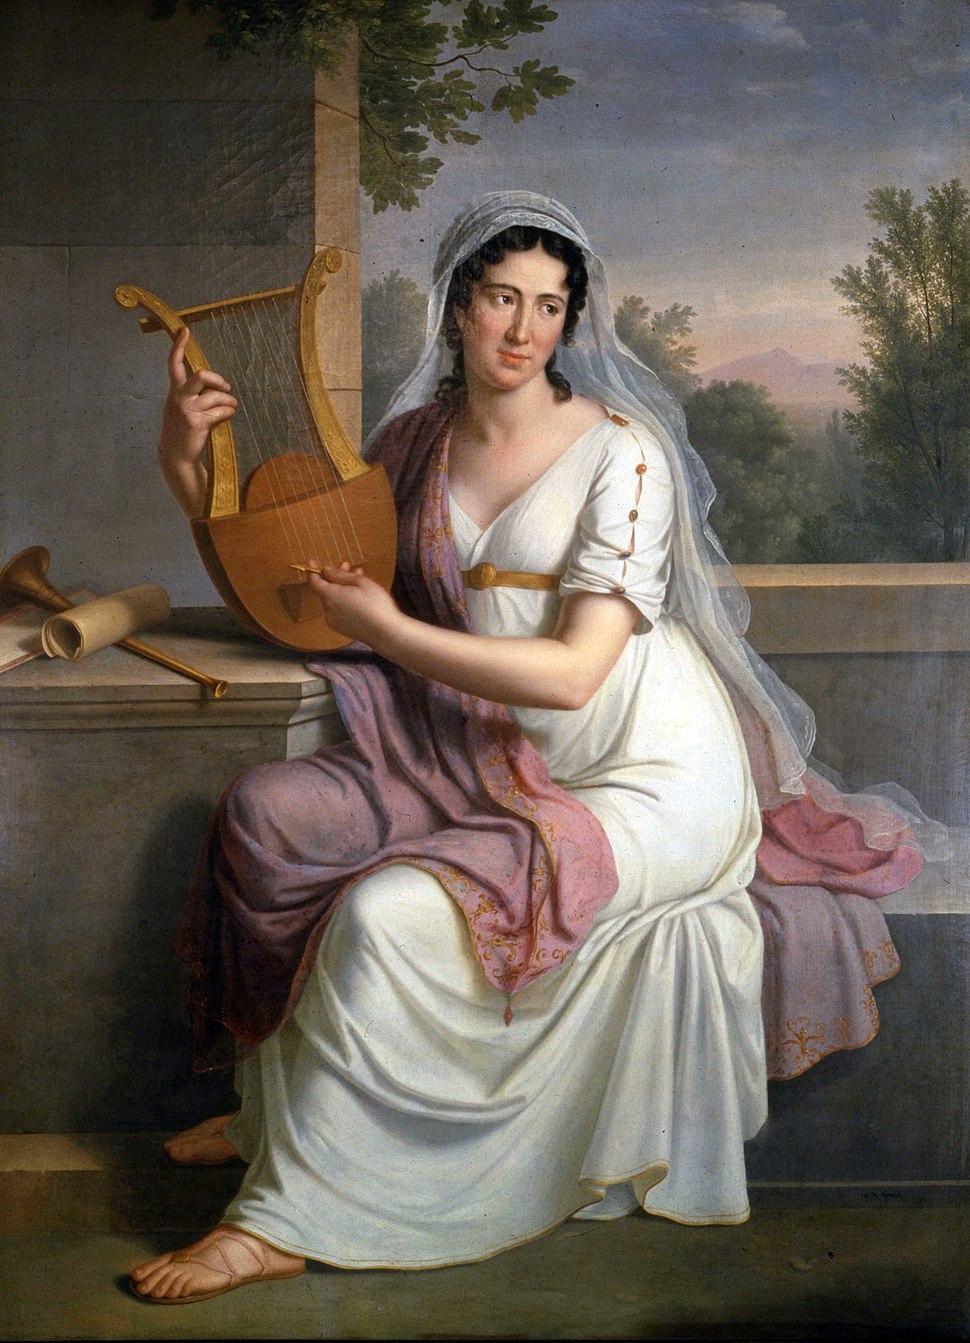 Isabella Colbran in Saffo 1817